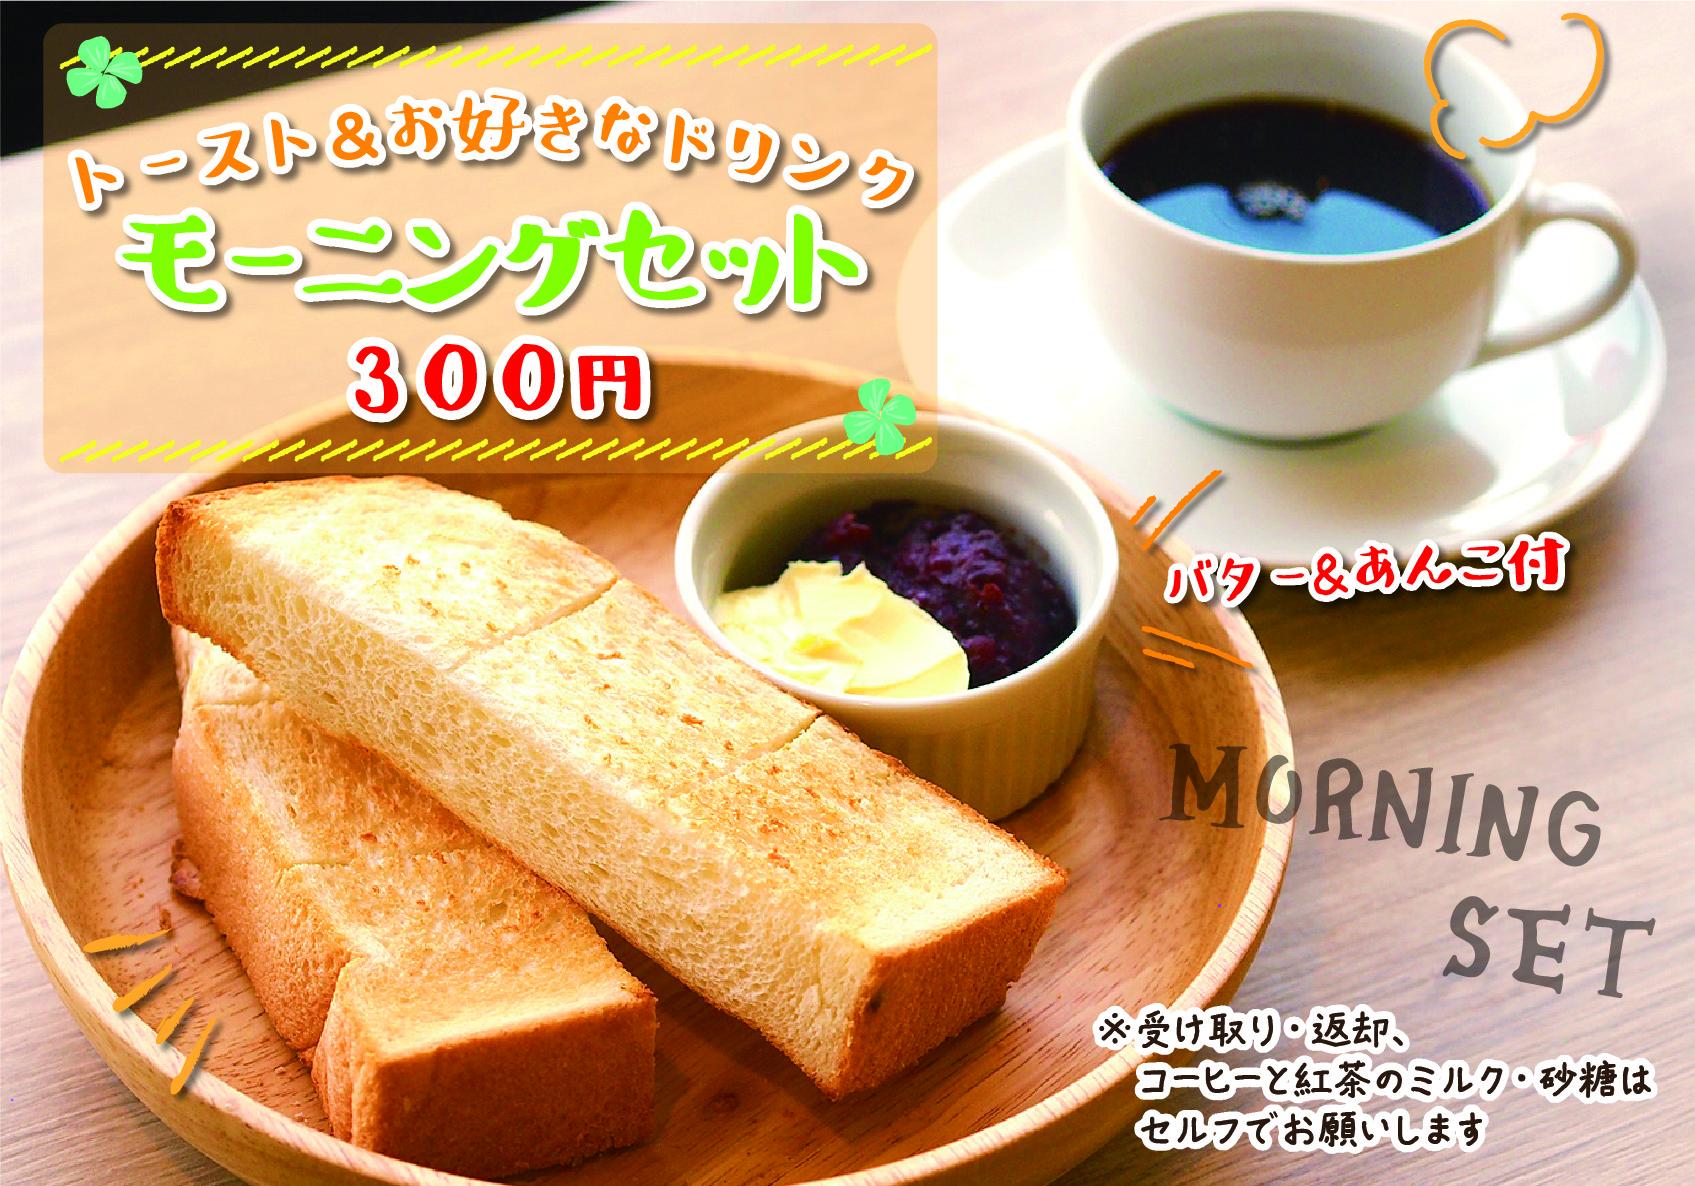 トースト&お好きなドリンク モーニングセット400円 バター&あんこ付 am8:30~am11:00 ※受け取り・返却、コーヒーと紅茶のミルク・砂糖はセルフでお願いします